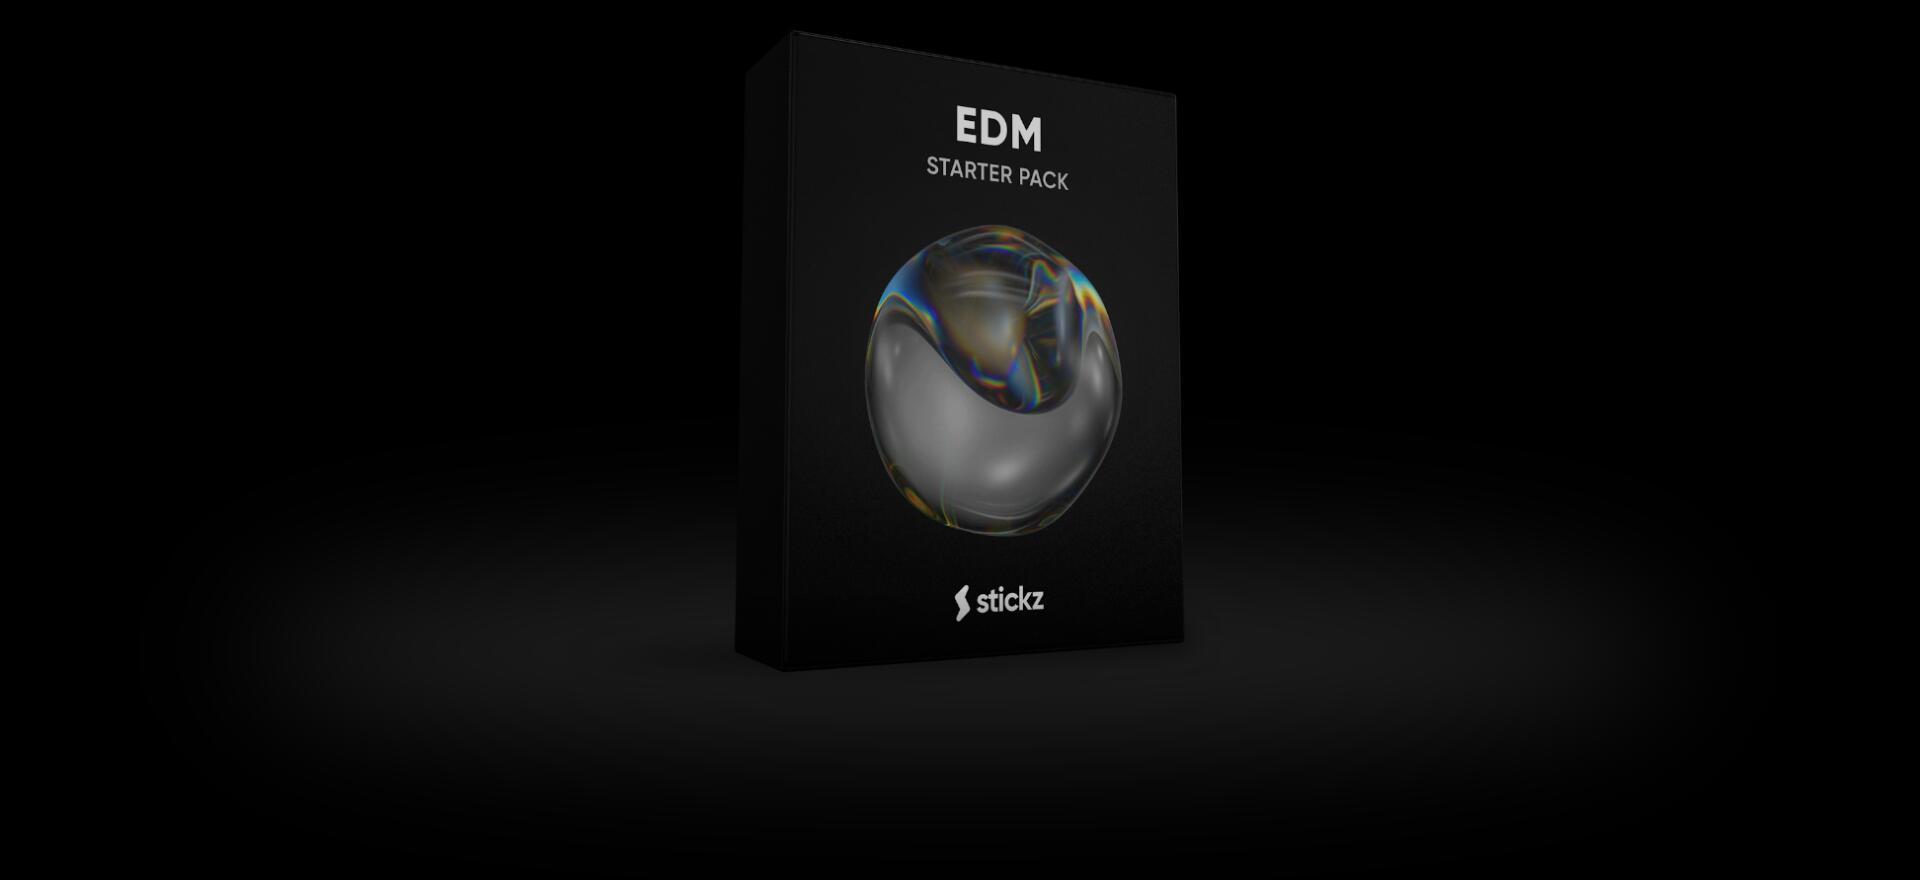 EDM Starter Pack - Box Artwork